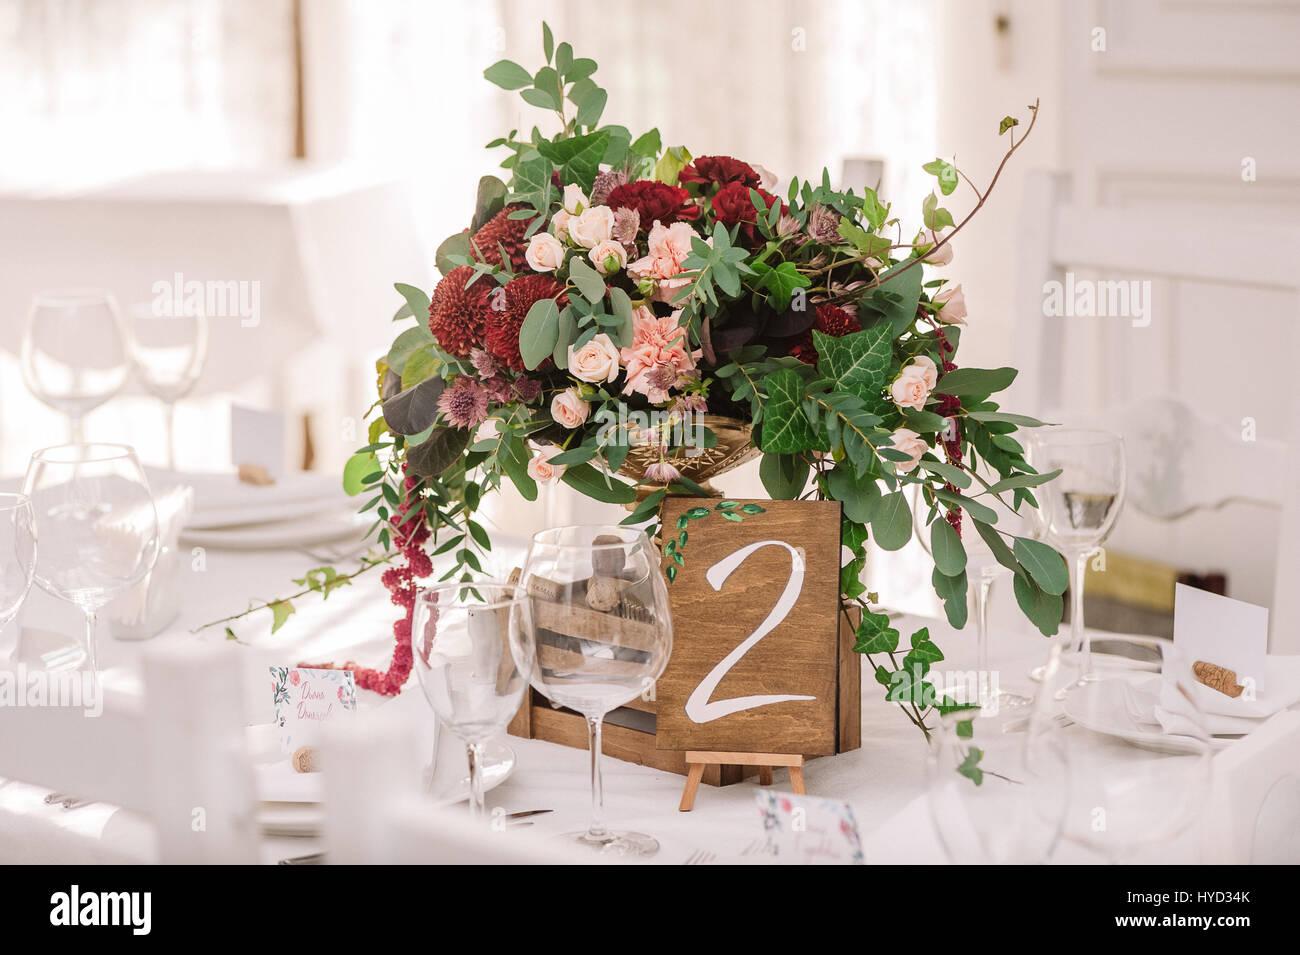 Hochzeit Tischdekoration Mit Roten Und Rosa Bluten Und Holzkiste